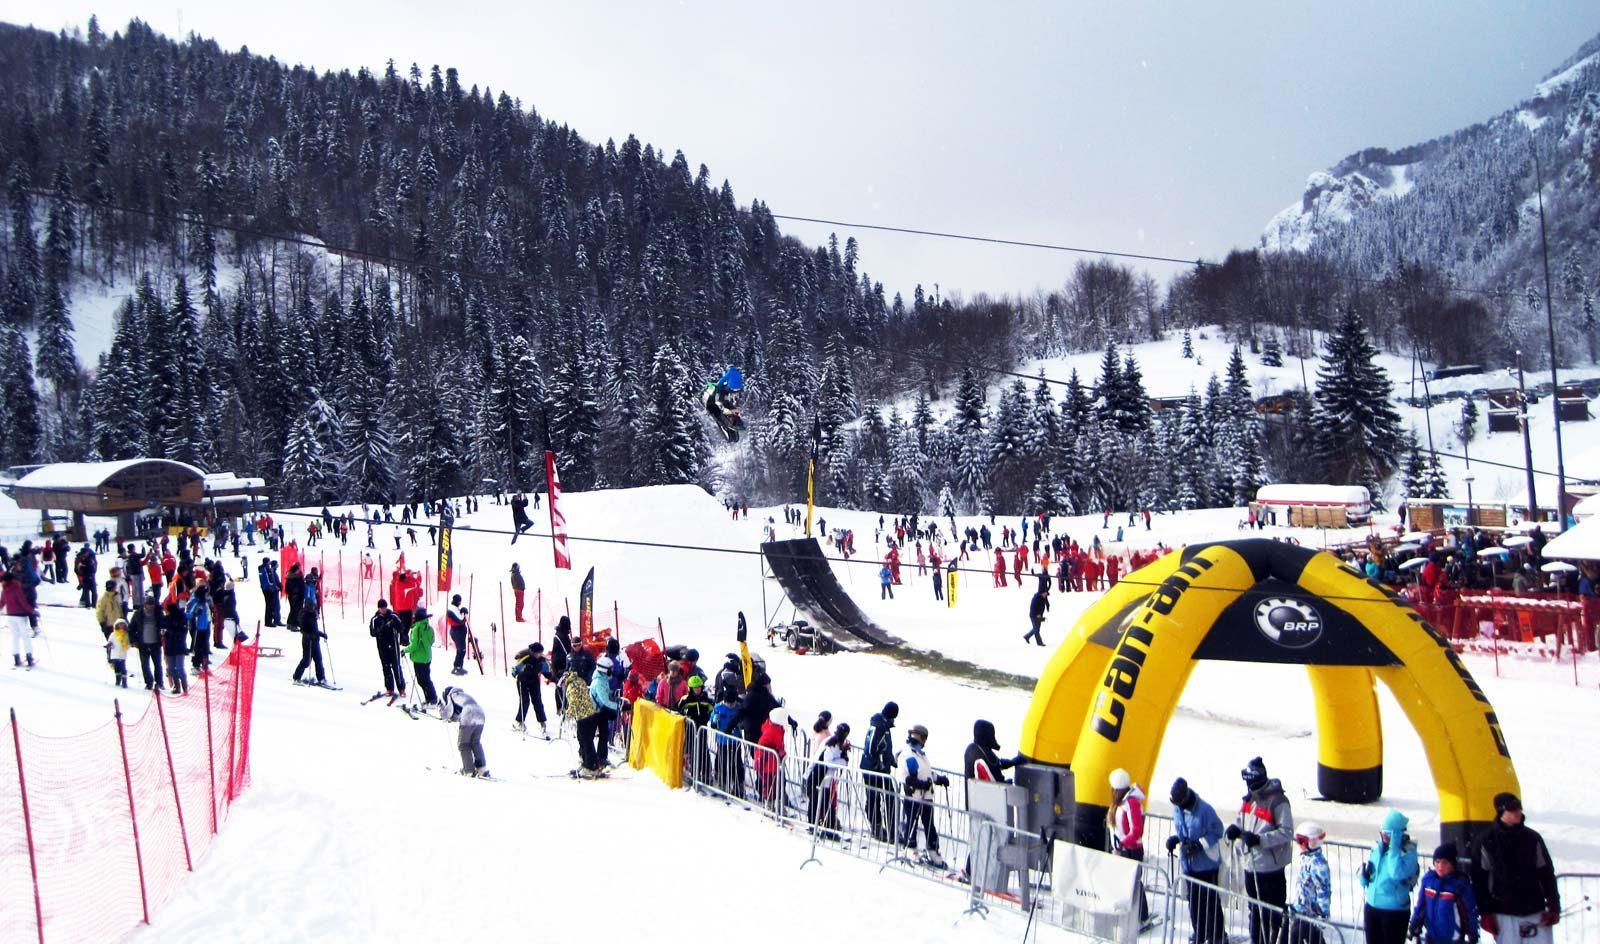 Кроме горнолыжного формата, курорт Колашин предлагает множество вариантов развлечений.